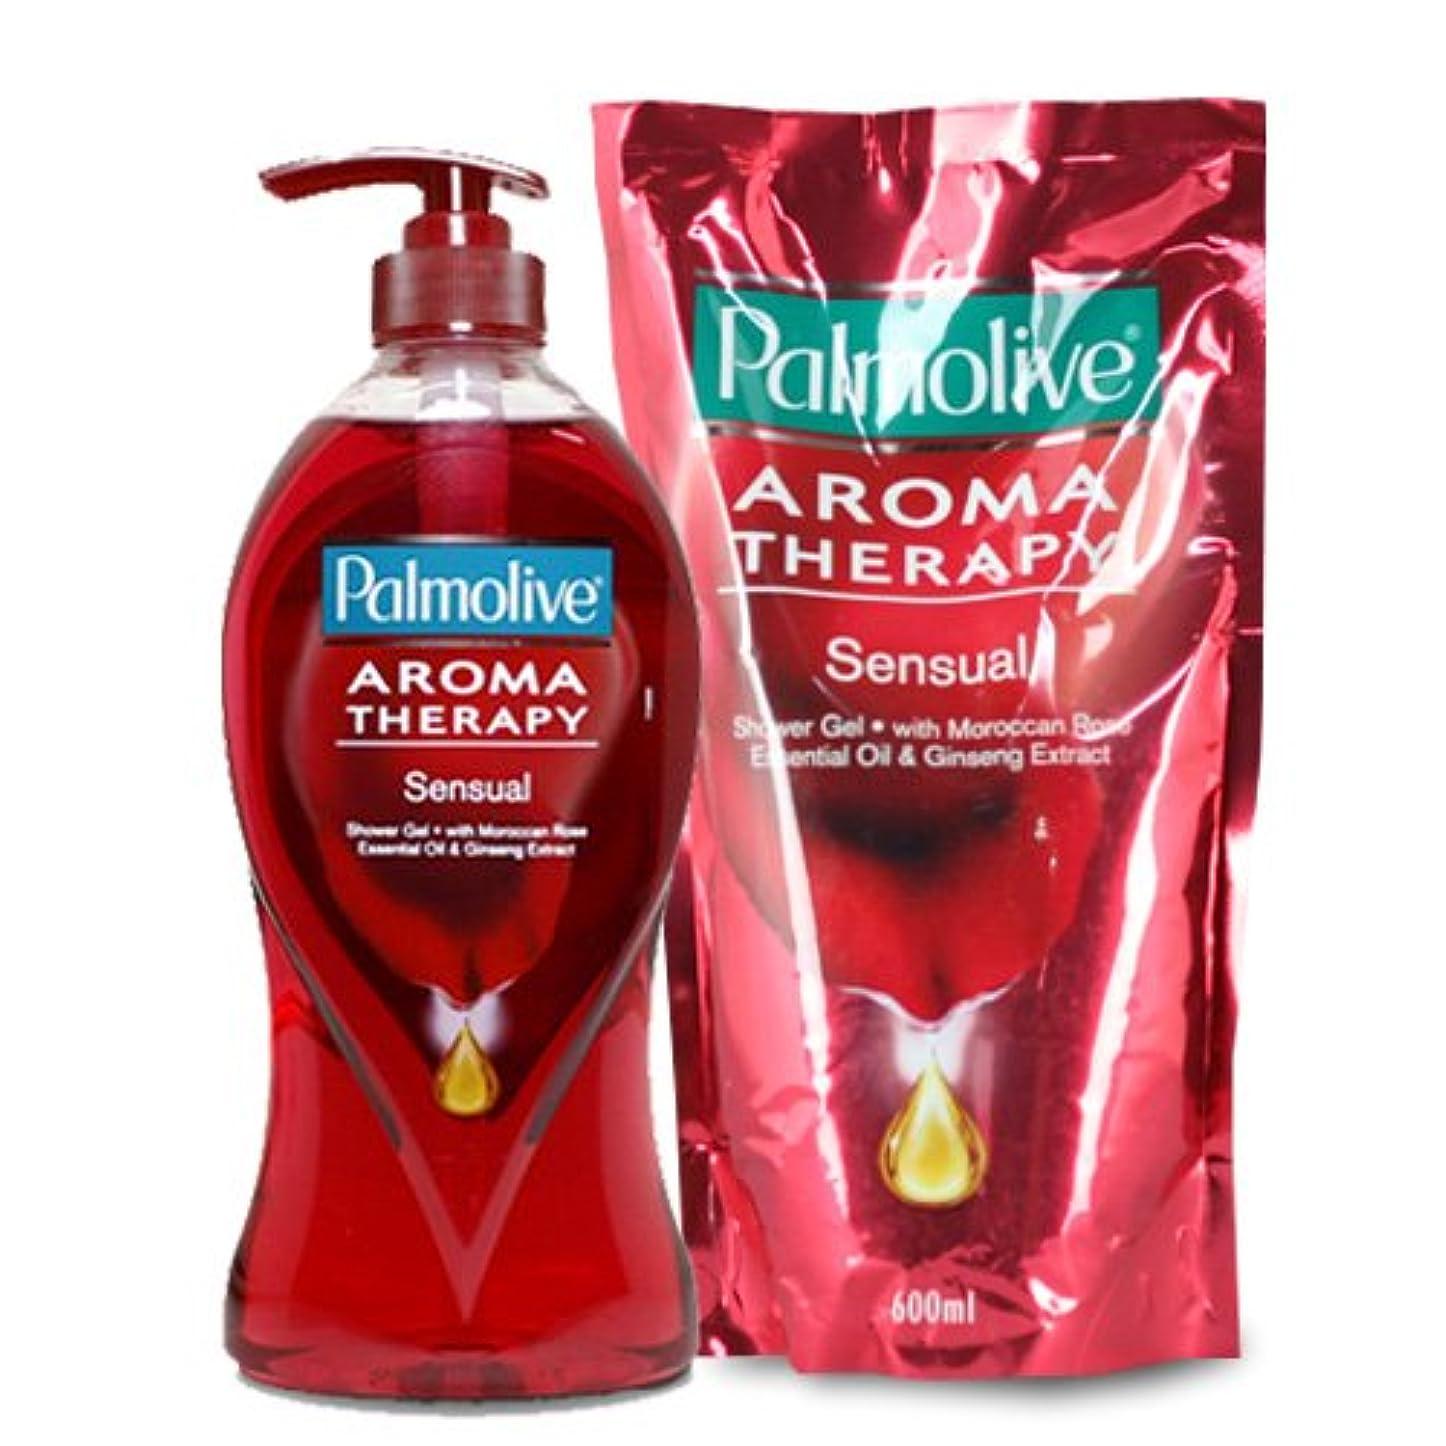 牽引検査確かめる【Palmolive】パルモリーブ アロマセラピーシャワージェル ボトルと詰め替えのセット (センシャル)